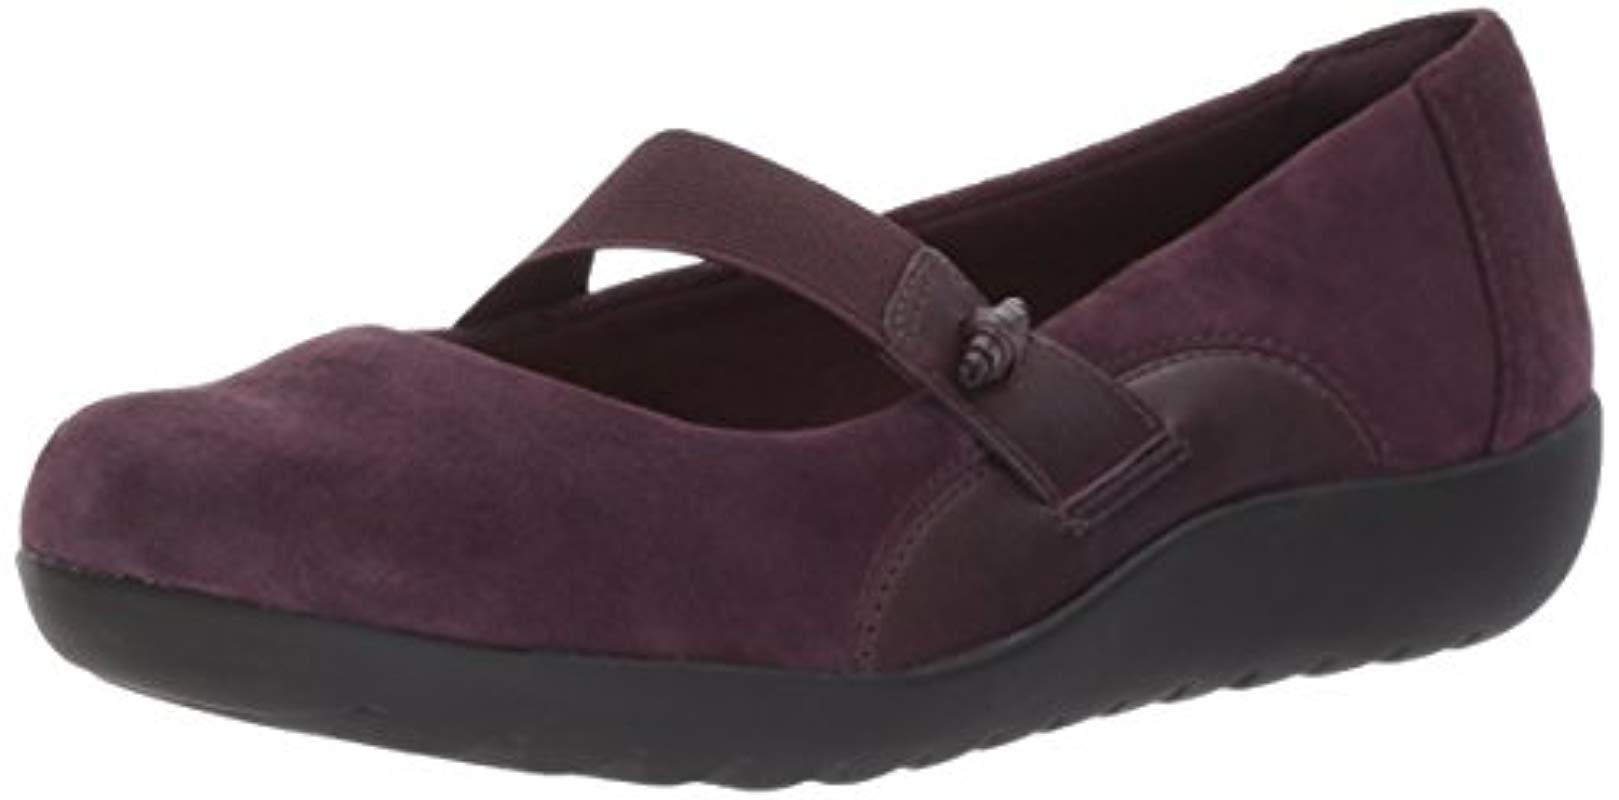 9b6197de8d1a25 Lyst - Clarks Medora Frost Mary Jane Flat in Purple